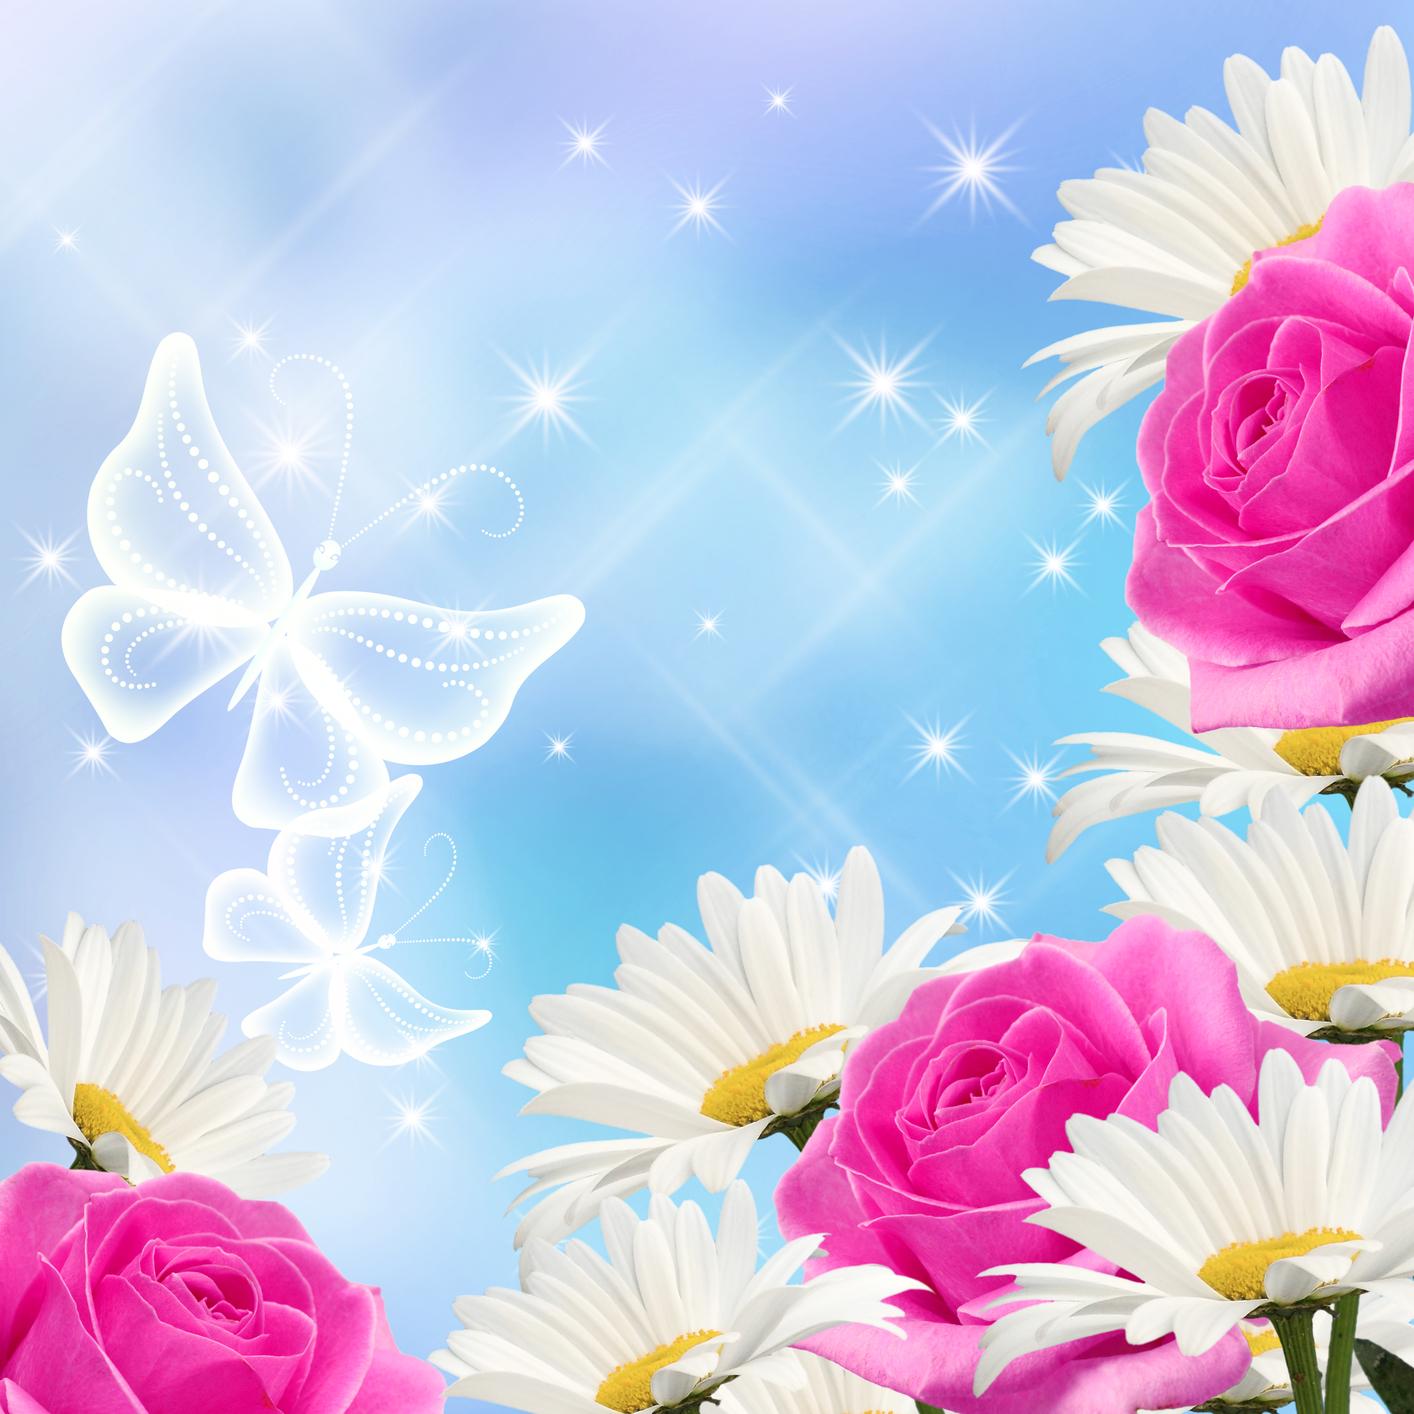 imagenes de flores - photo #40